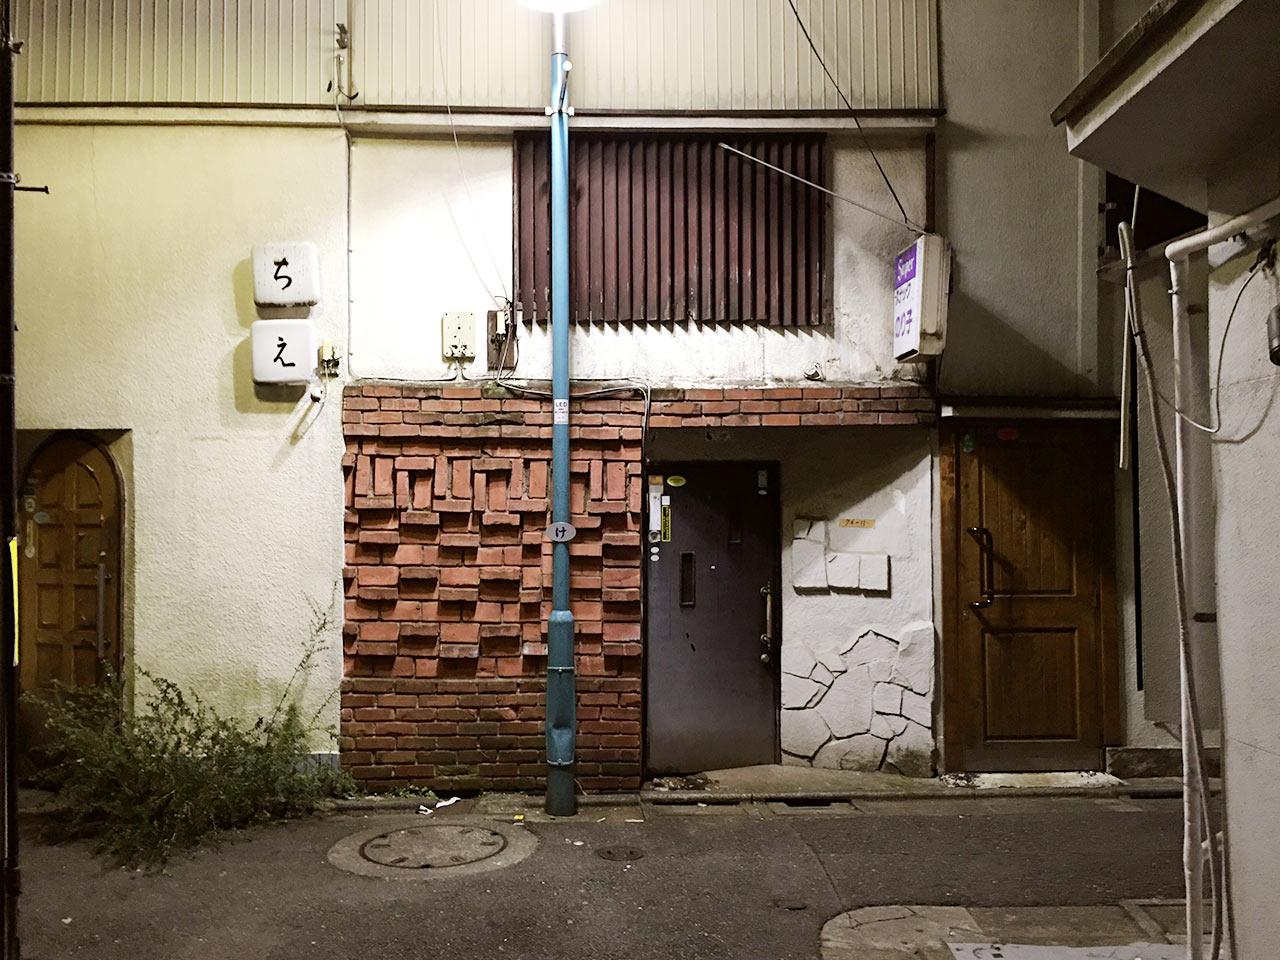 musashikoyama-ekimae-saikaihatsu-street03